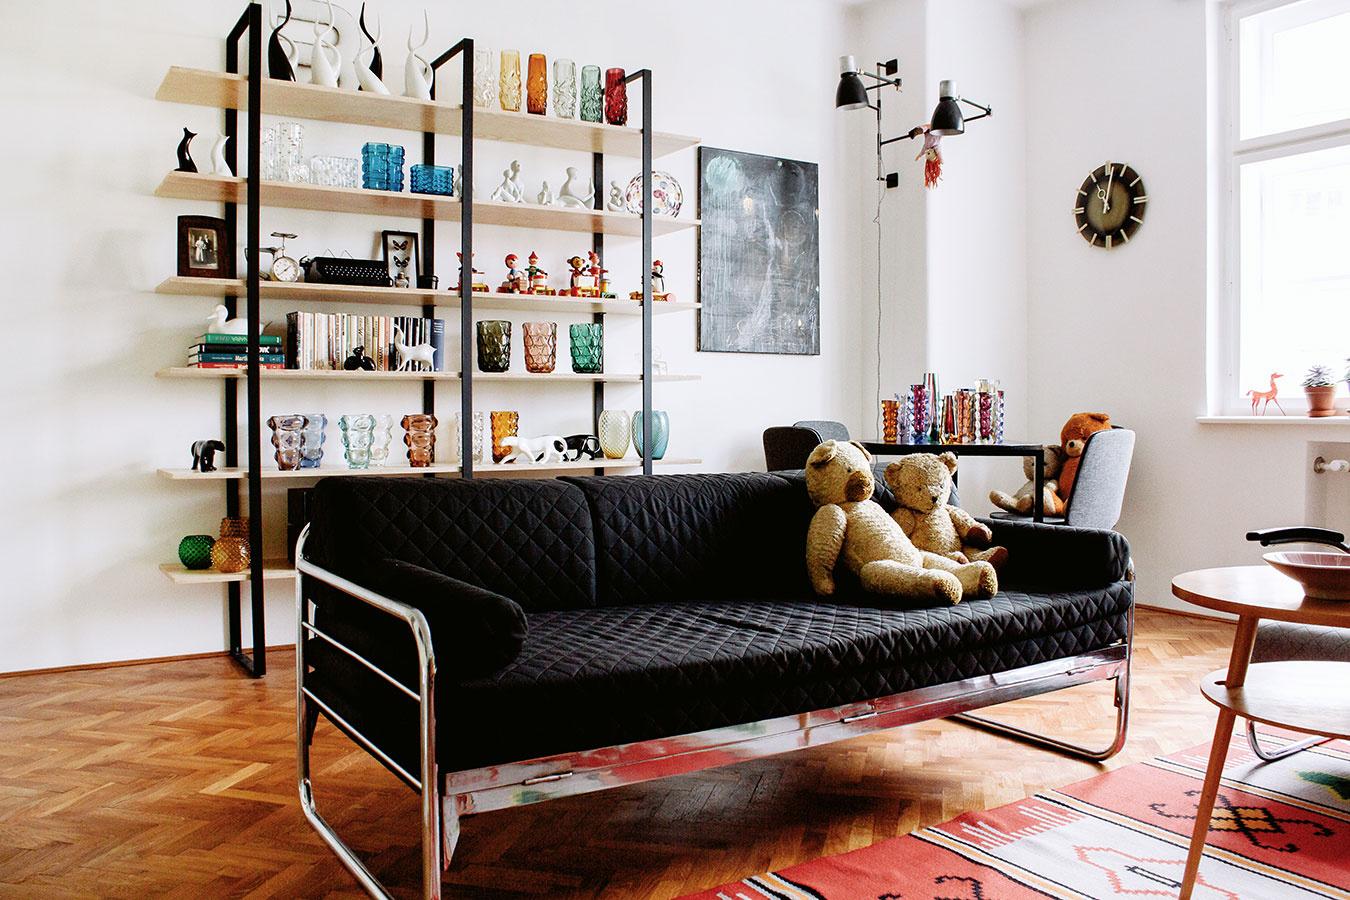 Brusel. Prvky tohto tradičného dizajnu možno nájsť vkaždom kúte bytu. Azda najvýraznejším je originálny retro koberec spútavým vzorom, ktorý sa stal dominantou obývacej izby.